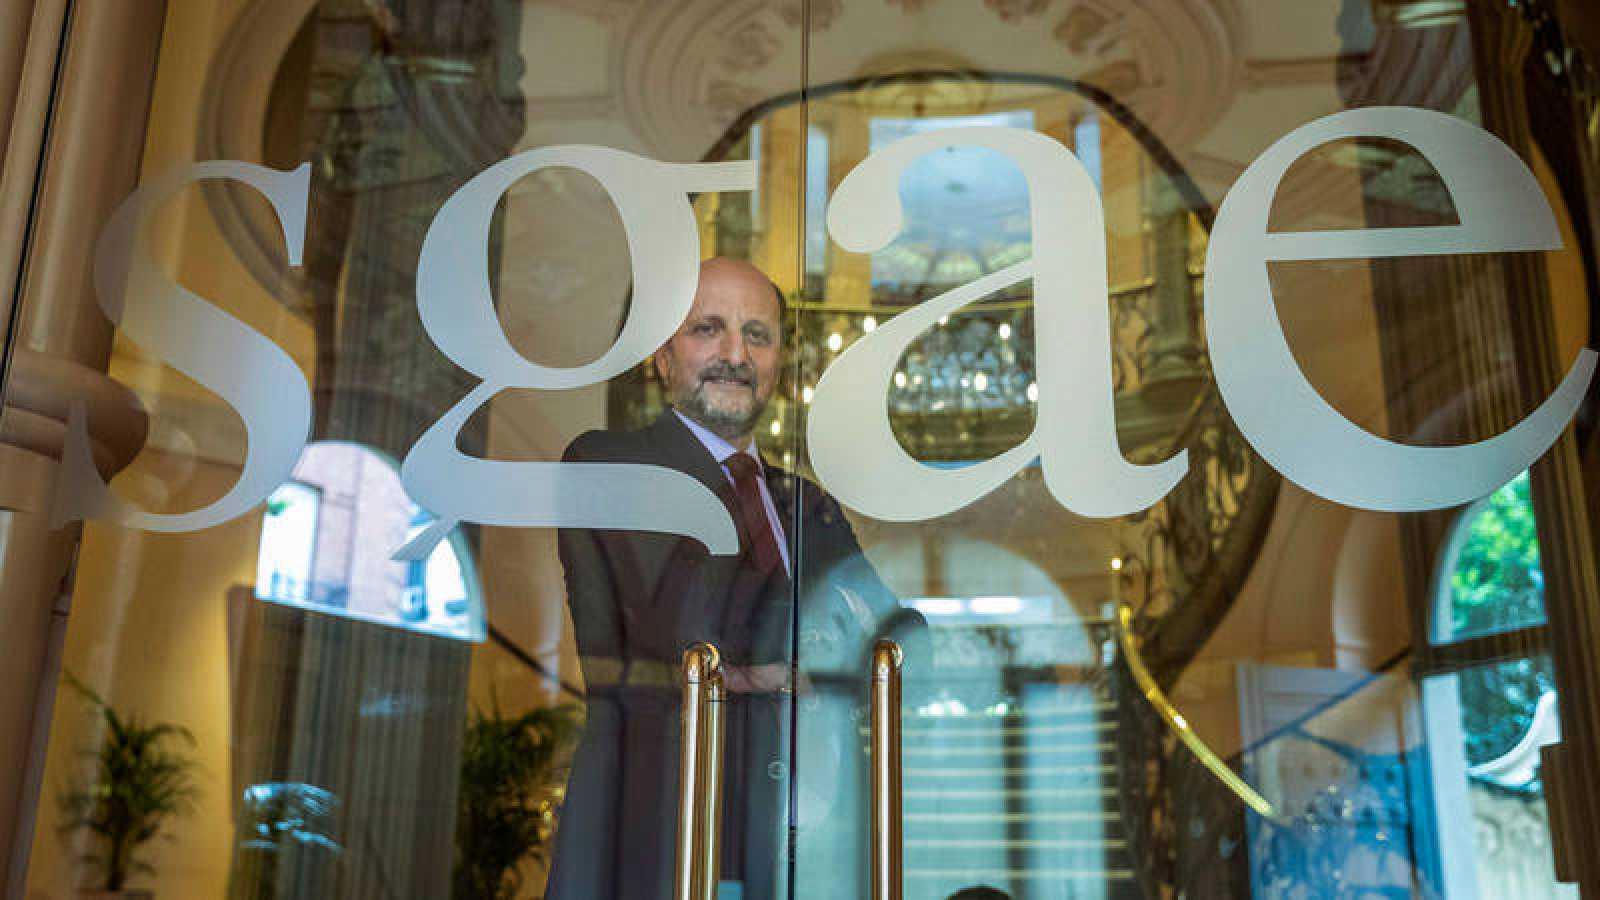 El presidente de la SGAE, José Miguel Fernández Sastrón, posa detrás de la puerta de la sede